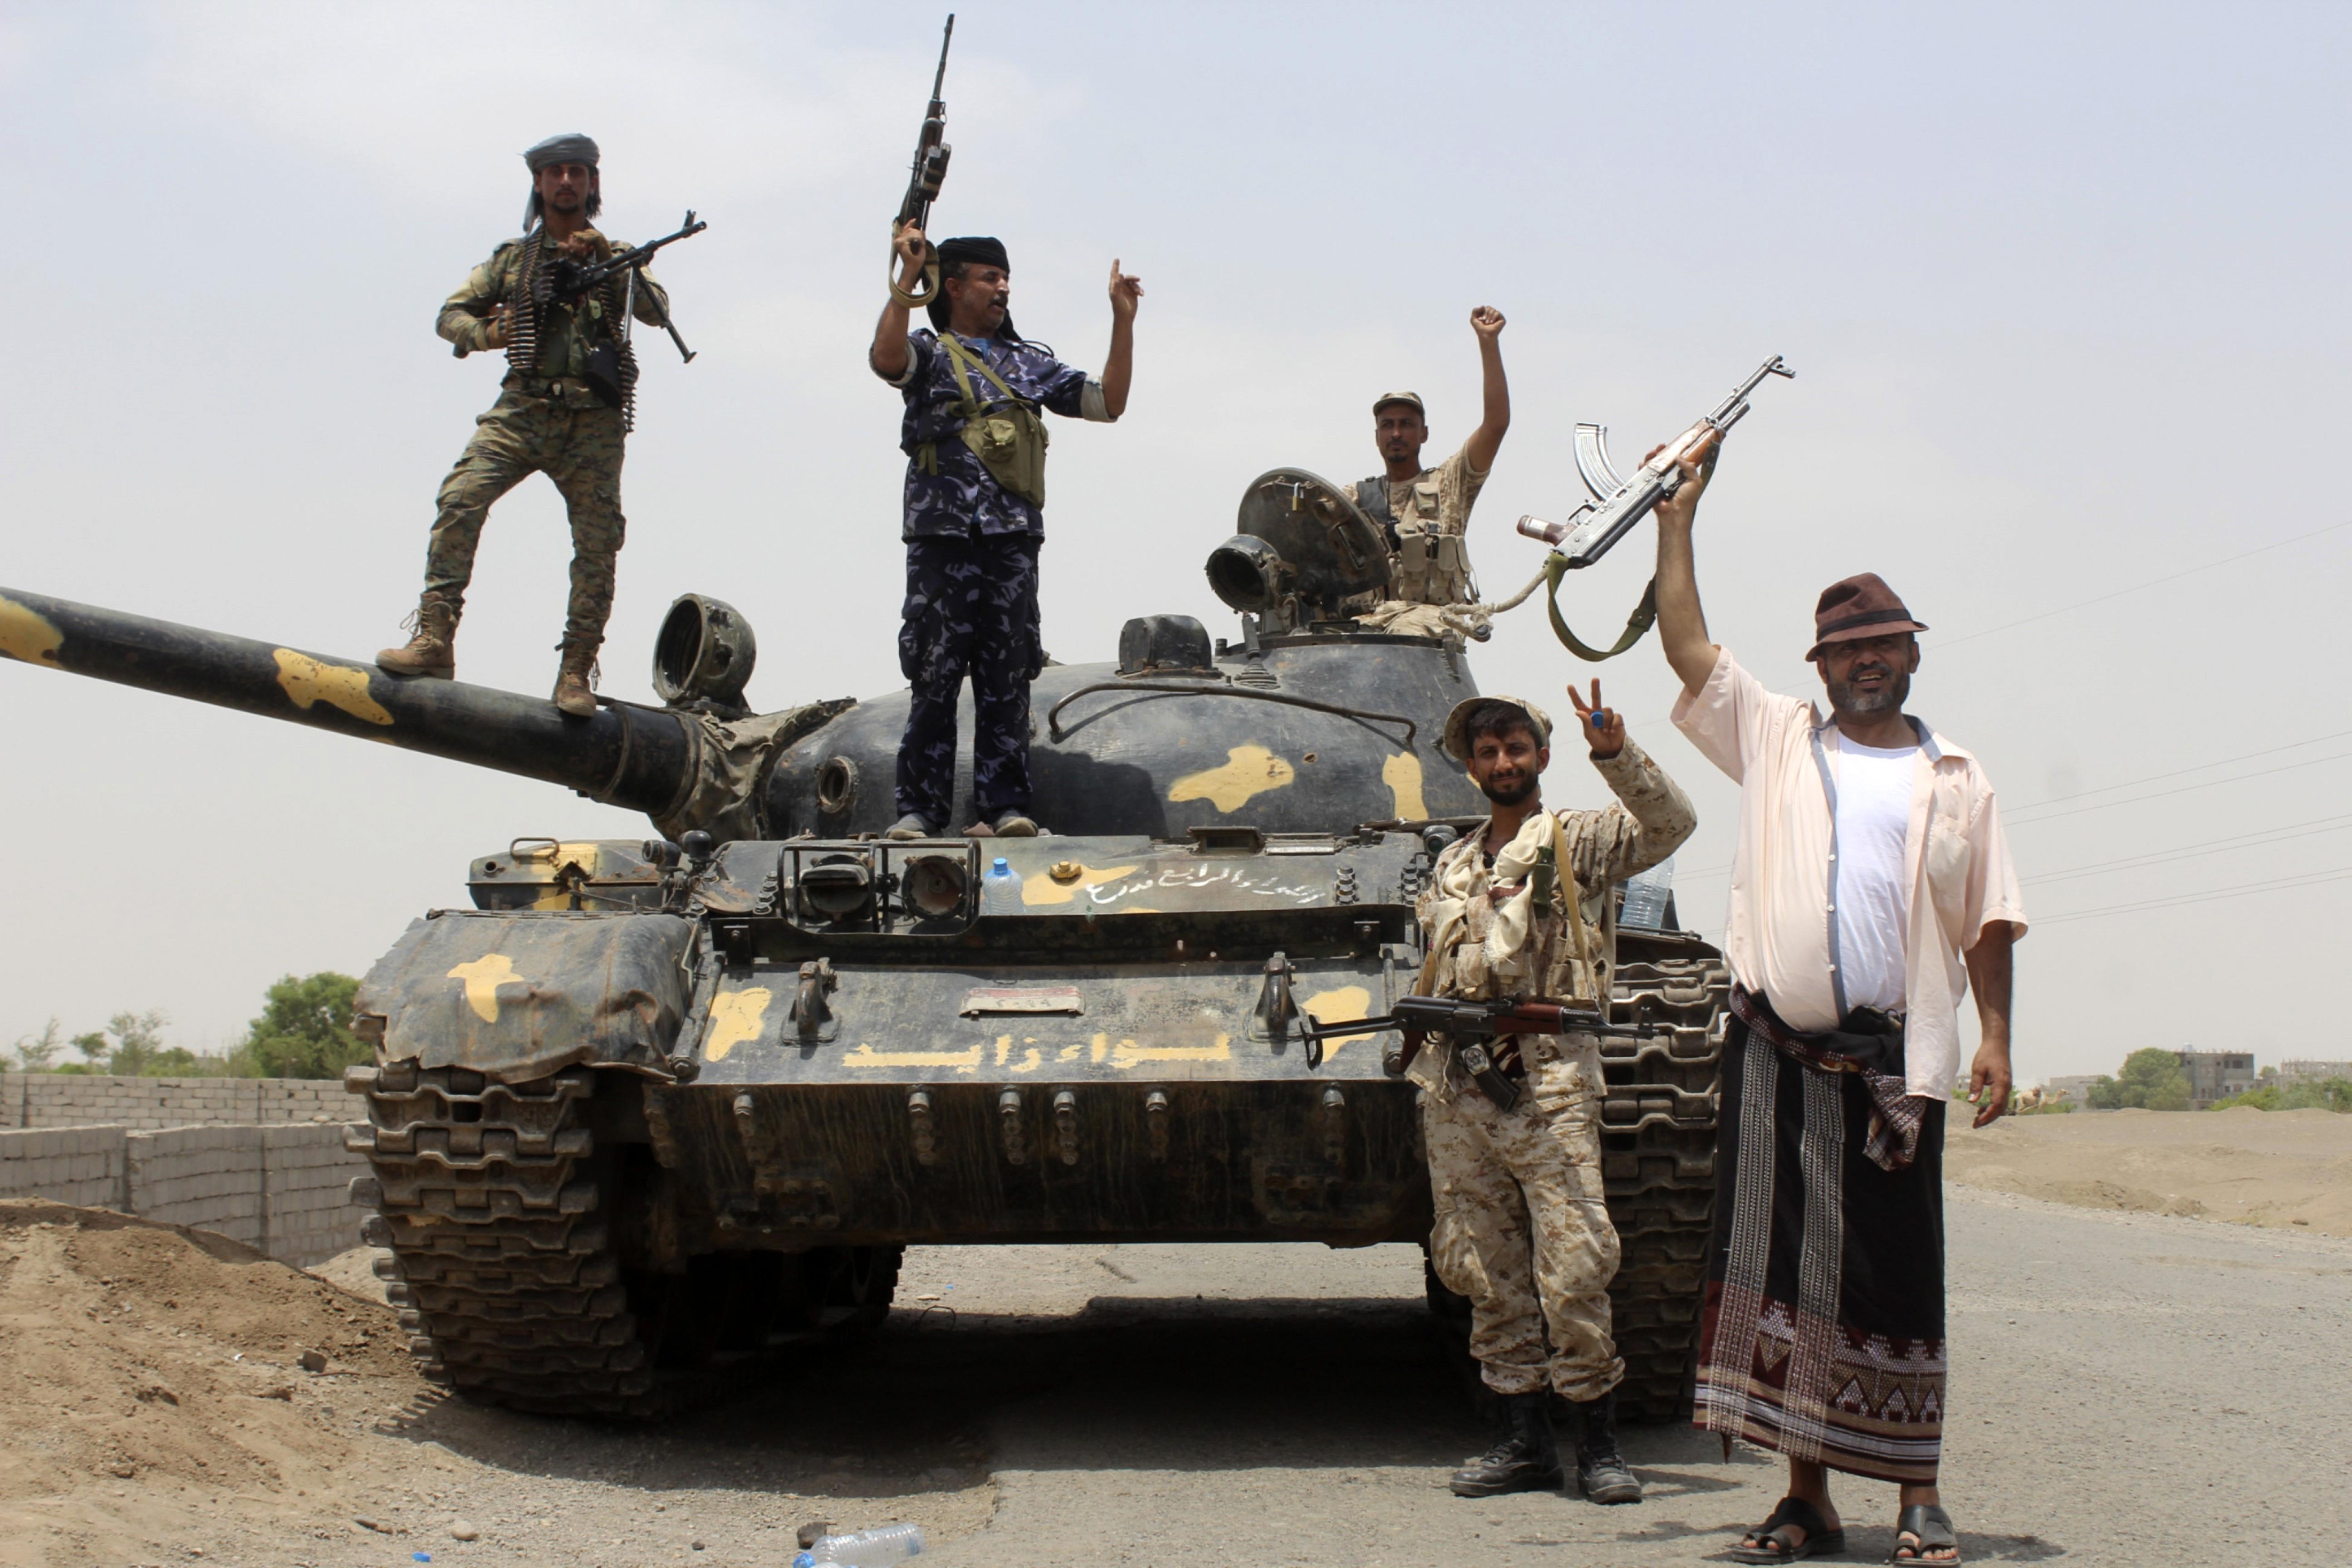 قوات تابعة للمجلس الانتقالي في ضواحي أبين